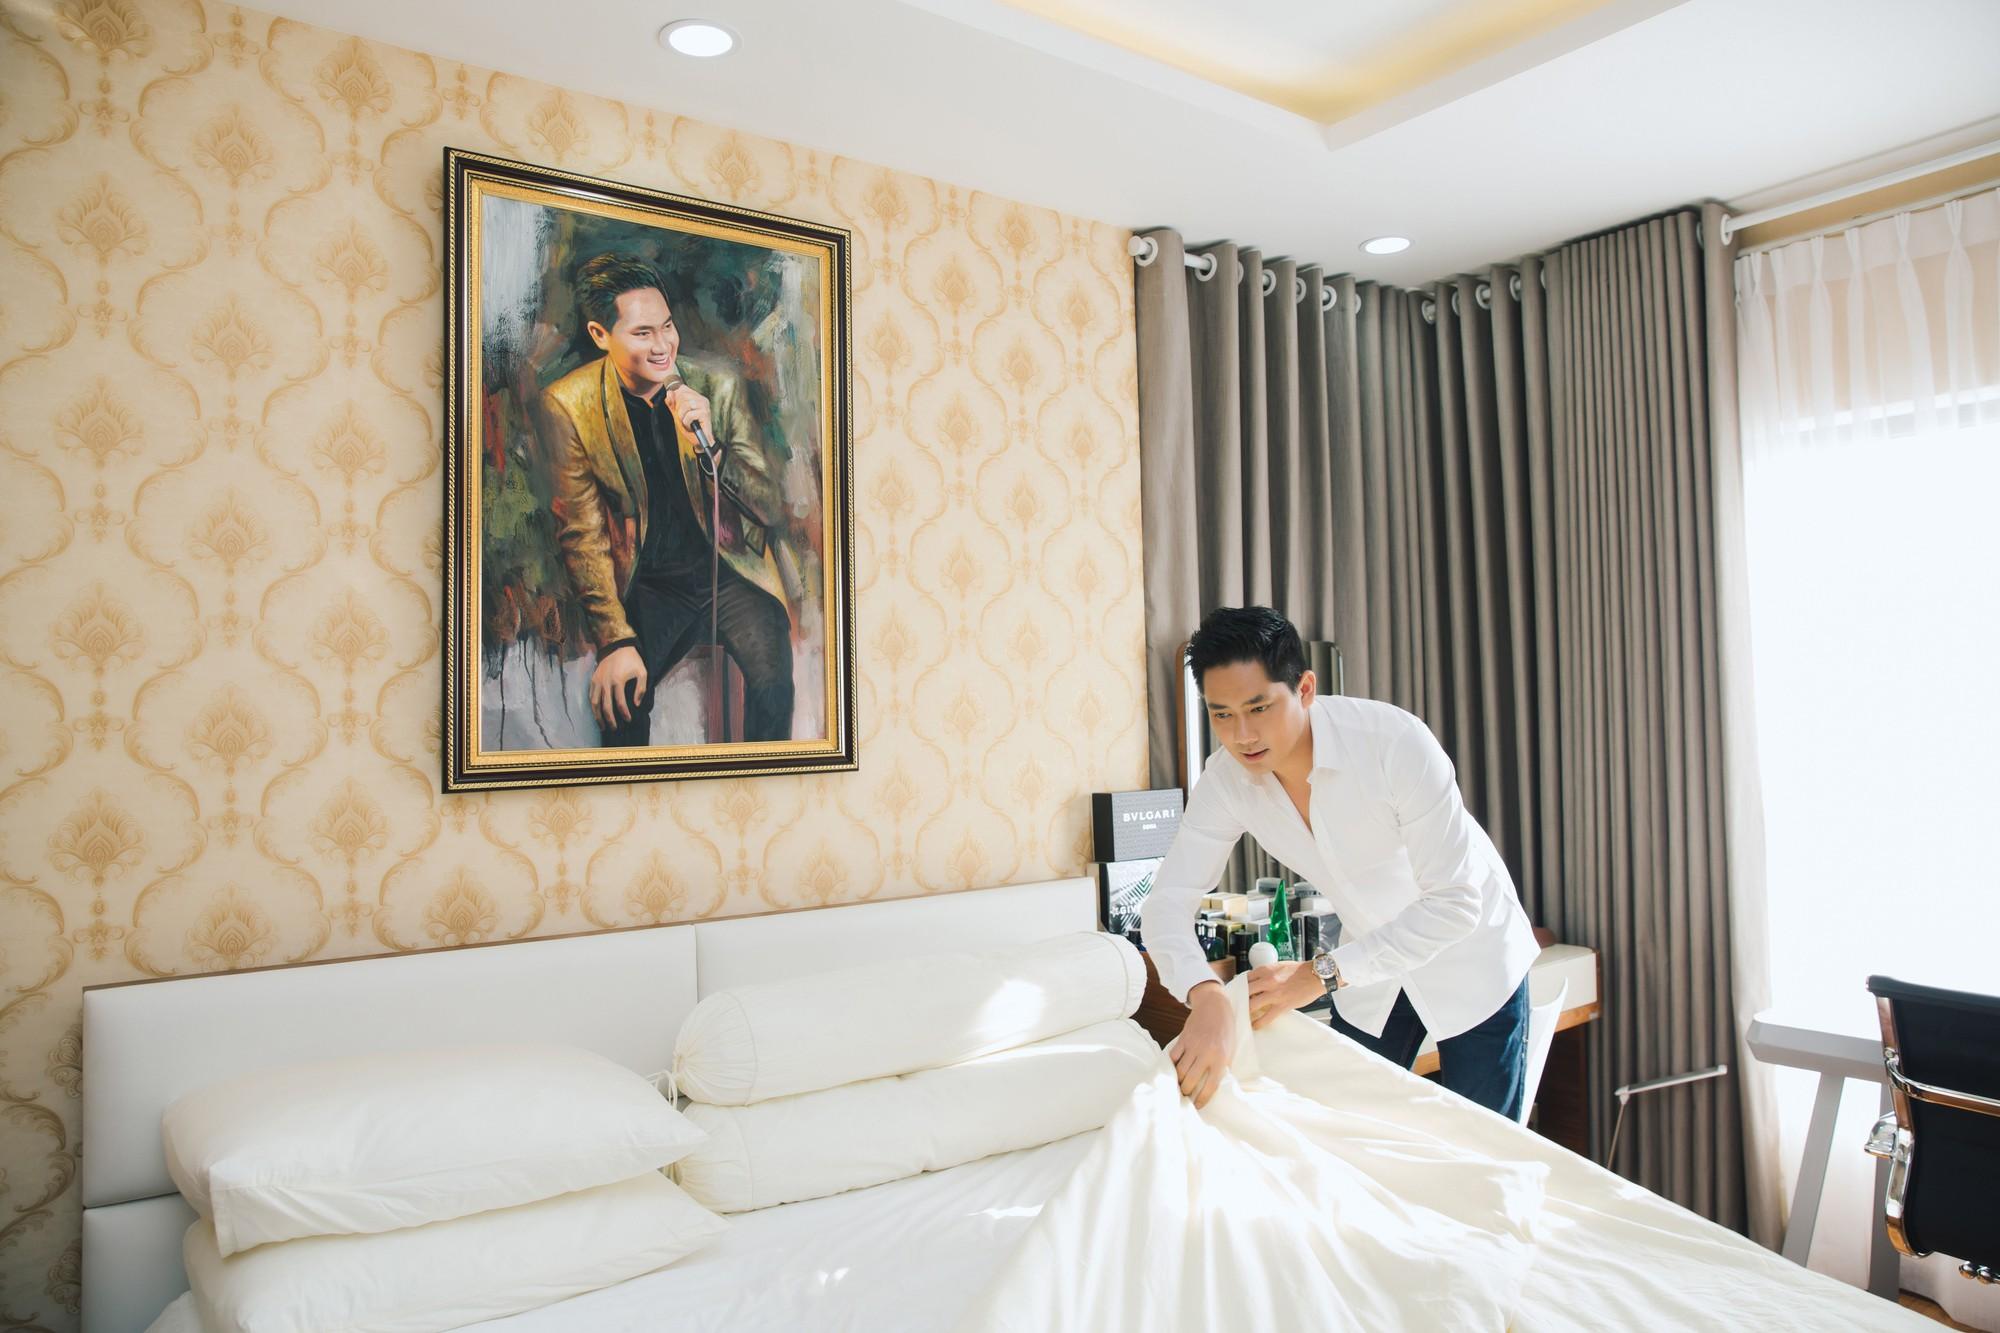 Diễn viên Minh Luân tự hào khoe căn hộ rộng 100 m2 sau 10 năm lập nghiệp ở TP HCM  - Ảnh 12.